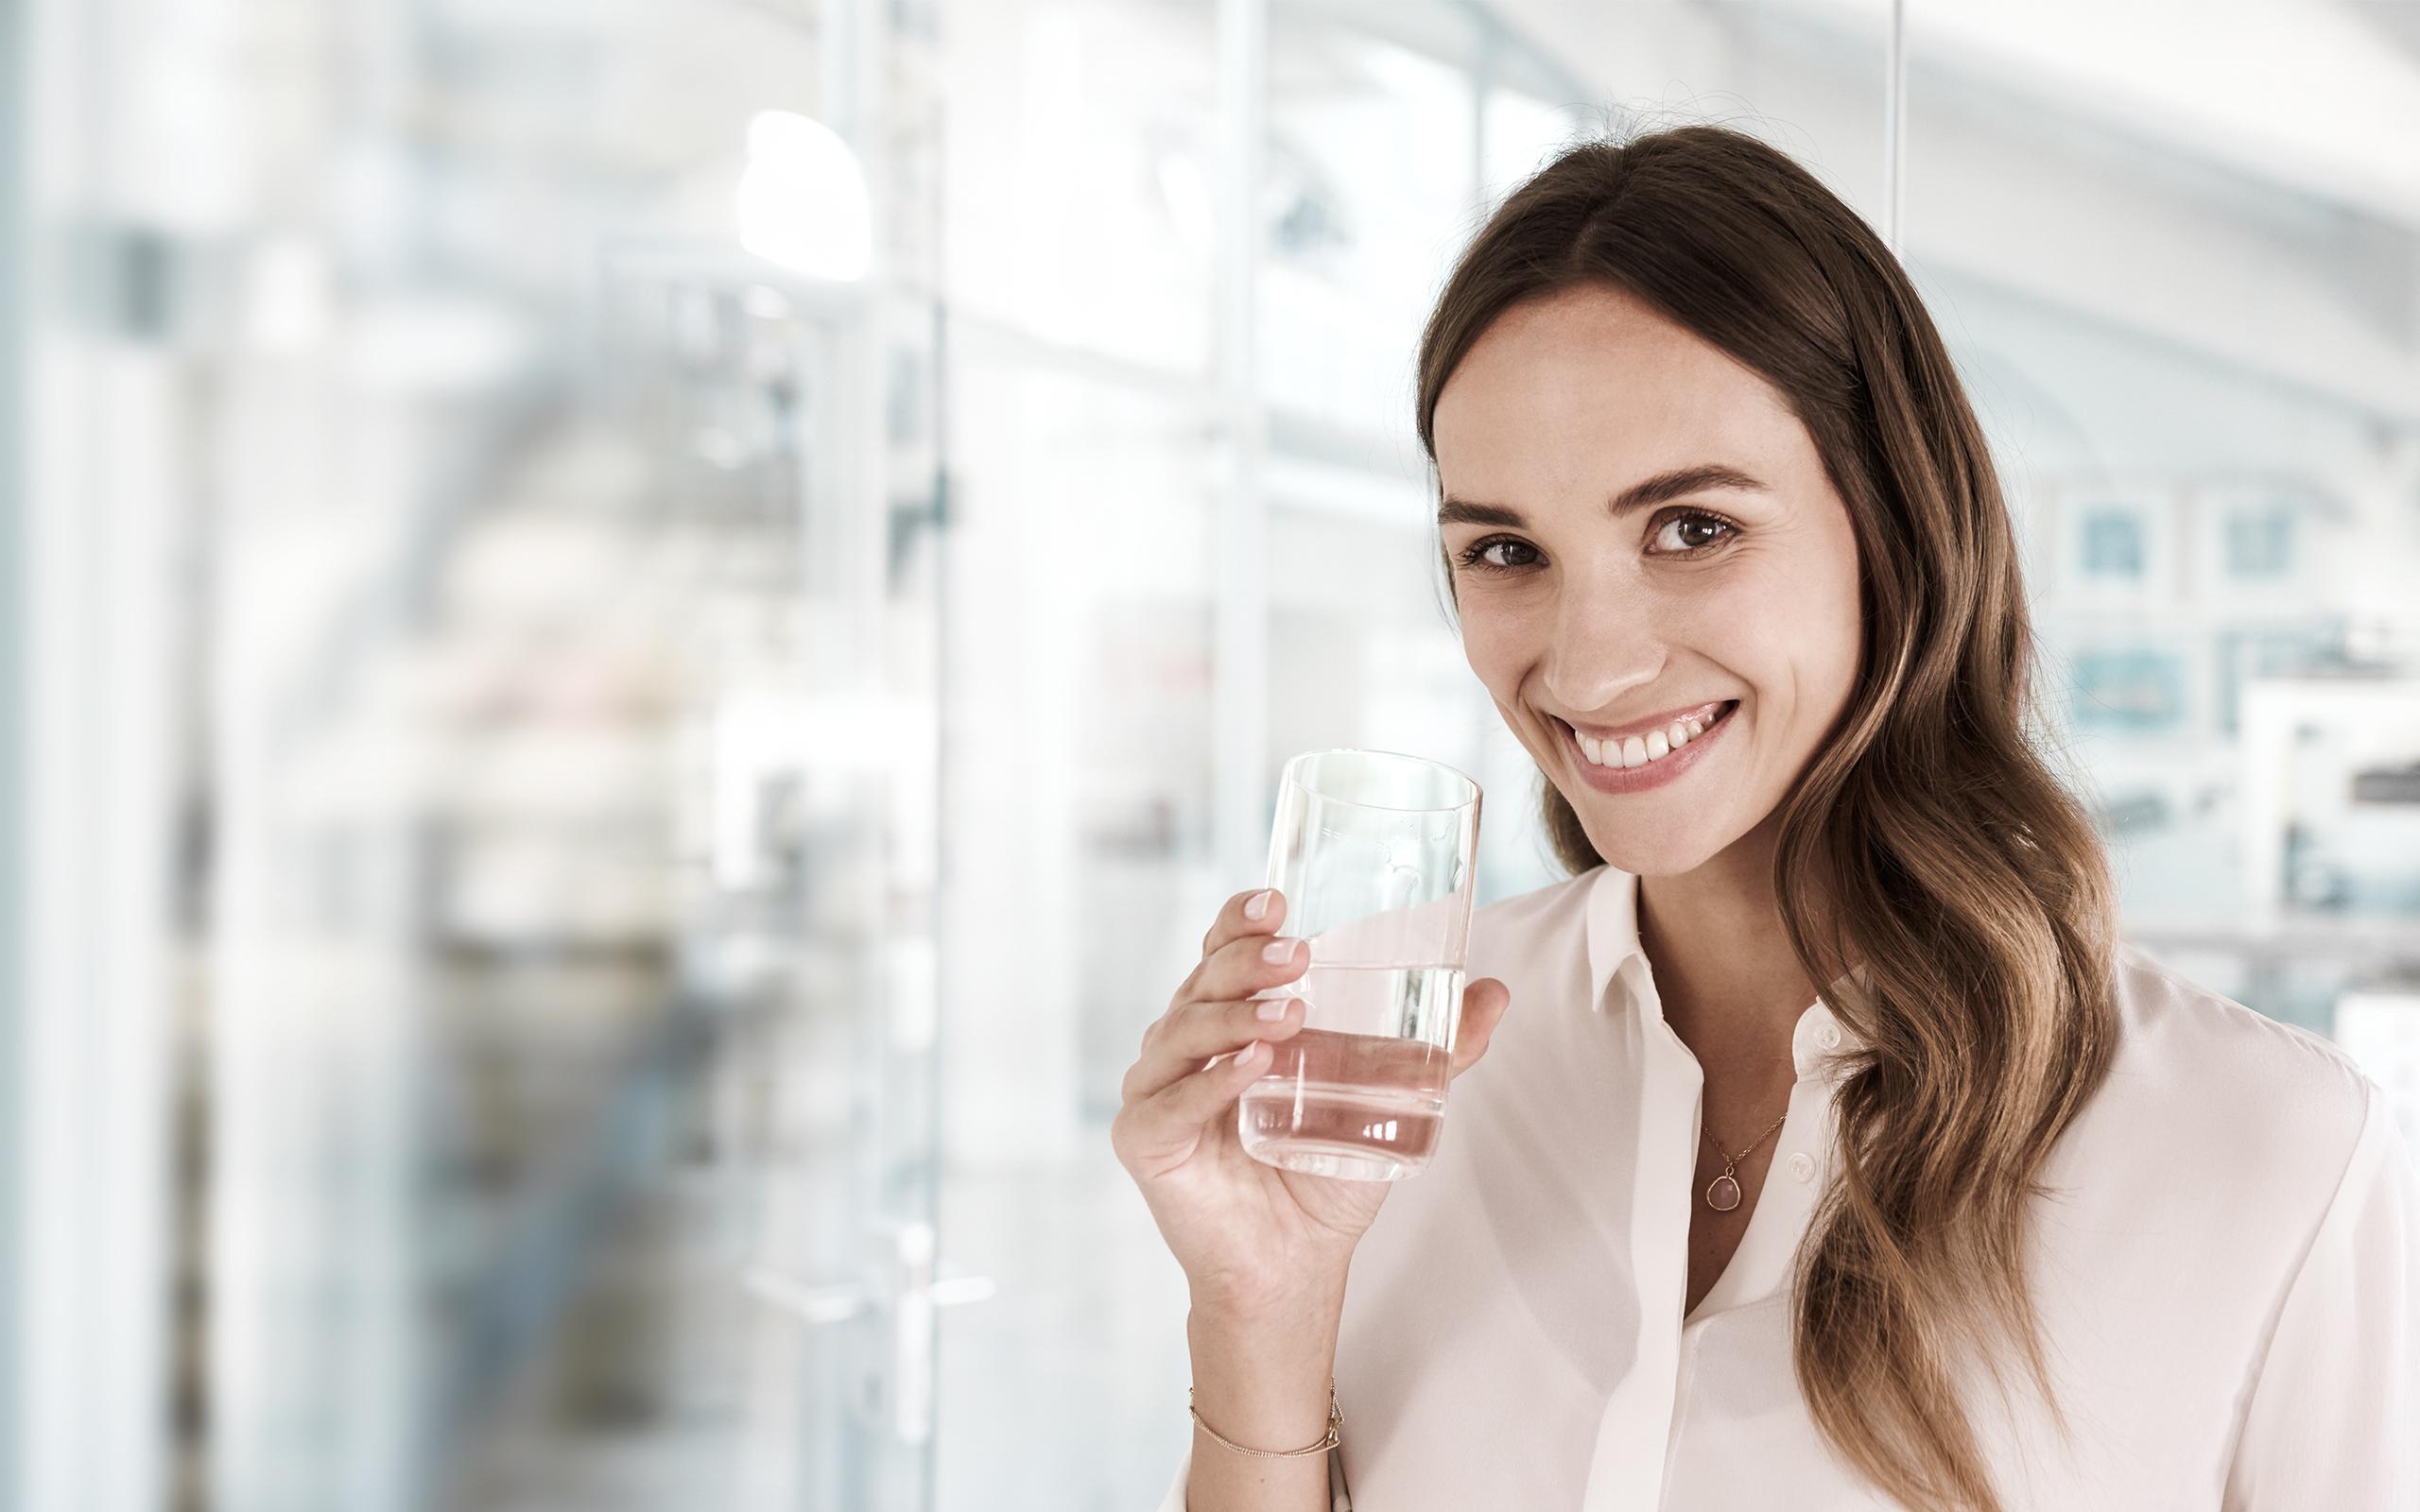 BRITA Abfallvermeidung Frau im Büro mit Wasser